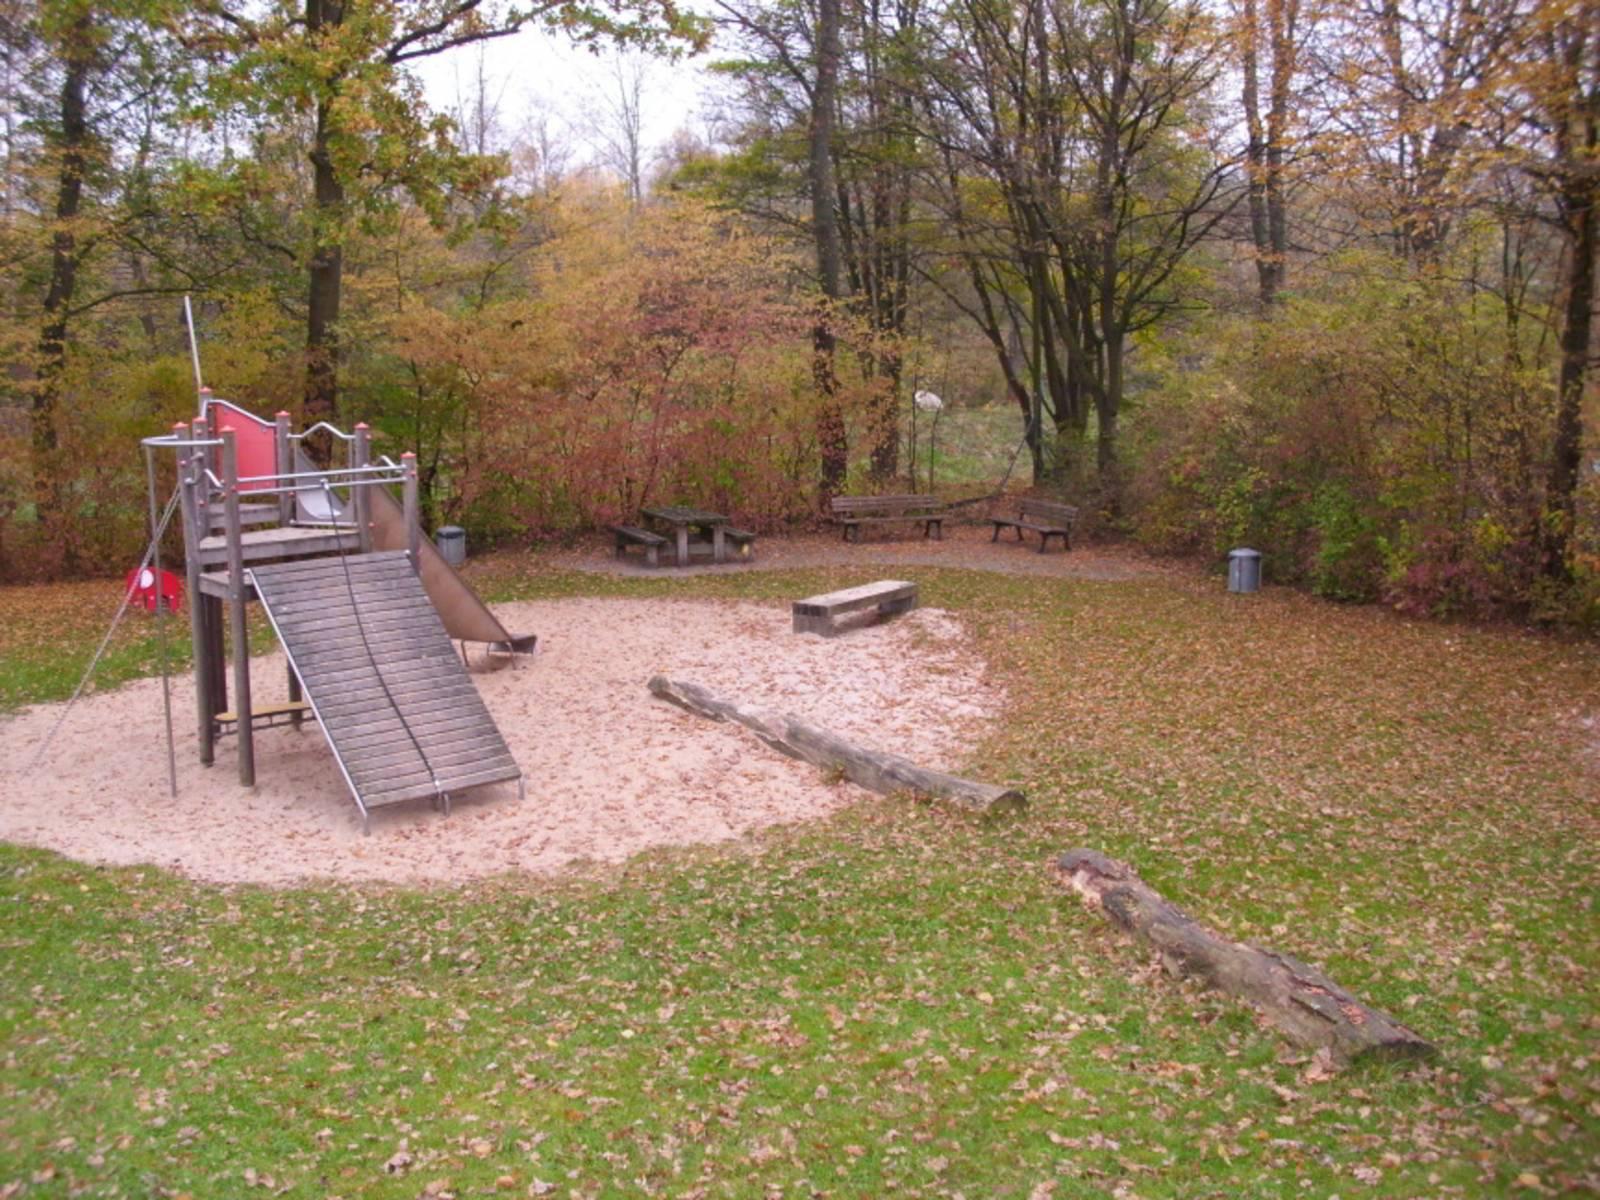 Spielplatz mit Holzrutsche und Sandfläche umrandet von Bäumen und Büschen